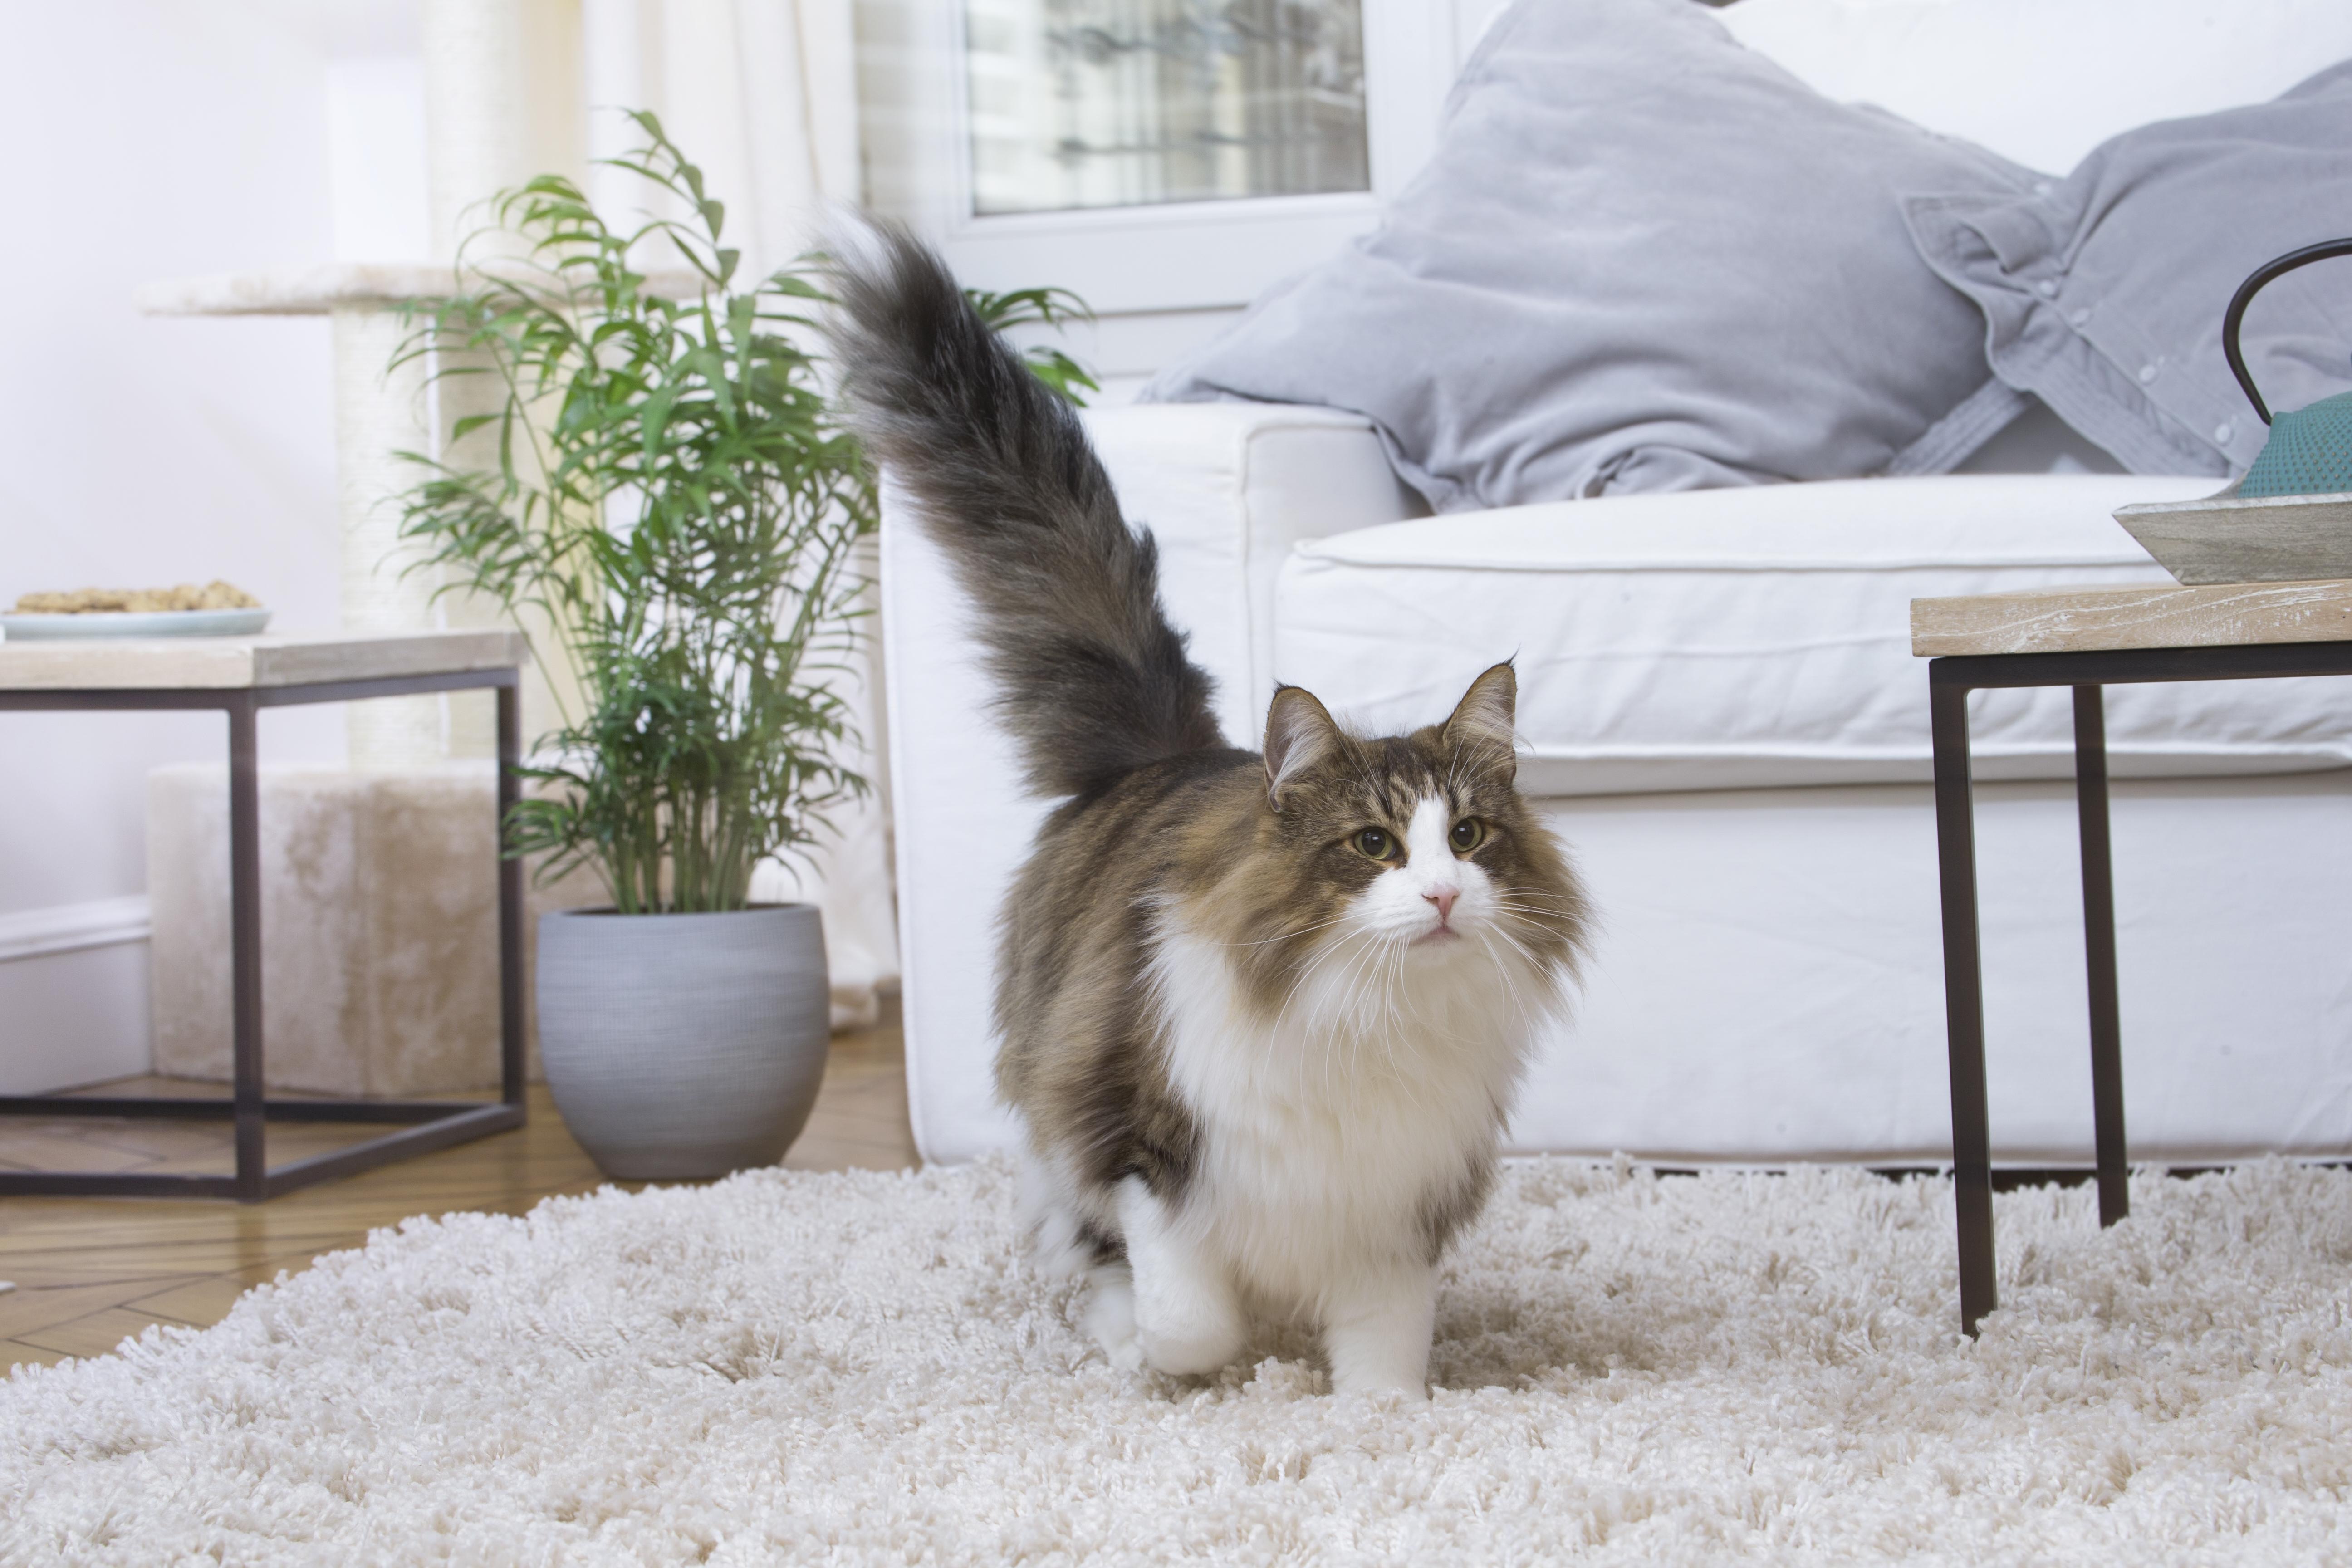 Вредные привычки кошек и как с ними бороться - домашний любимец